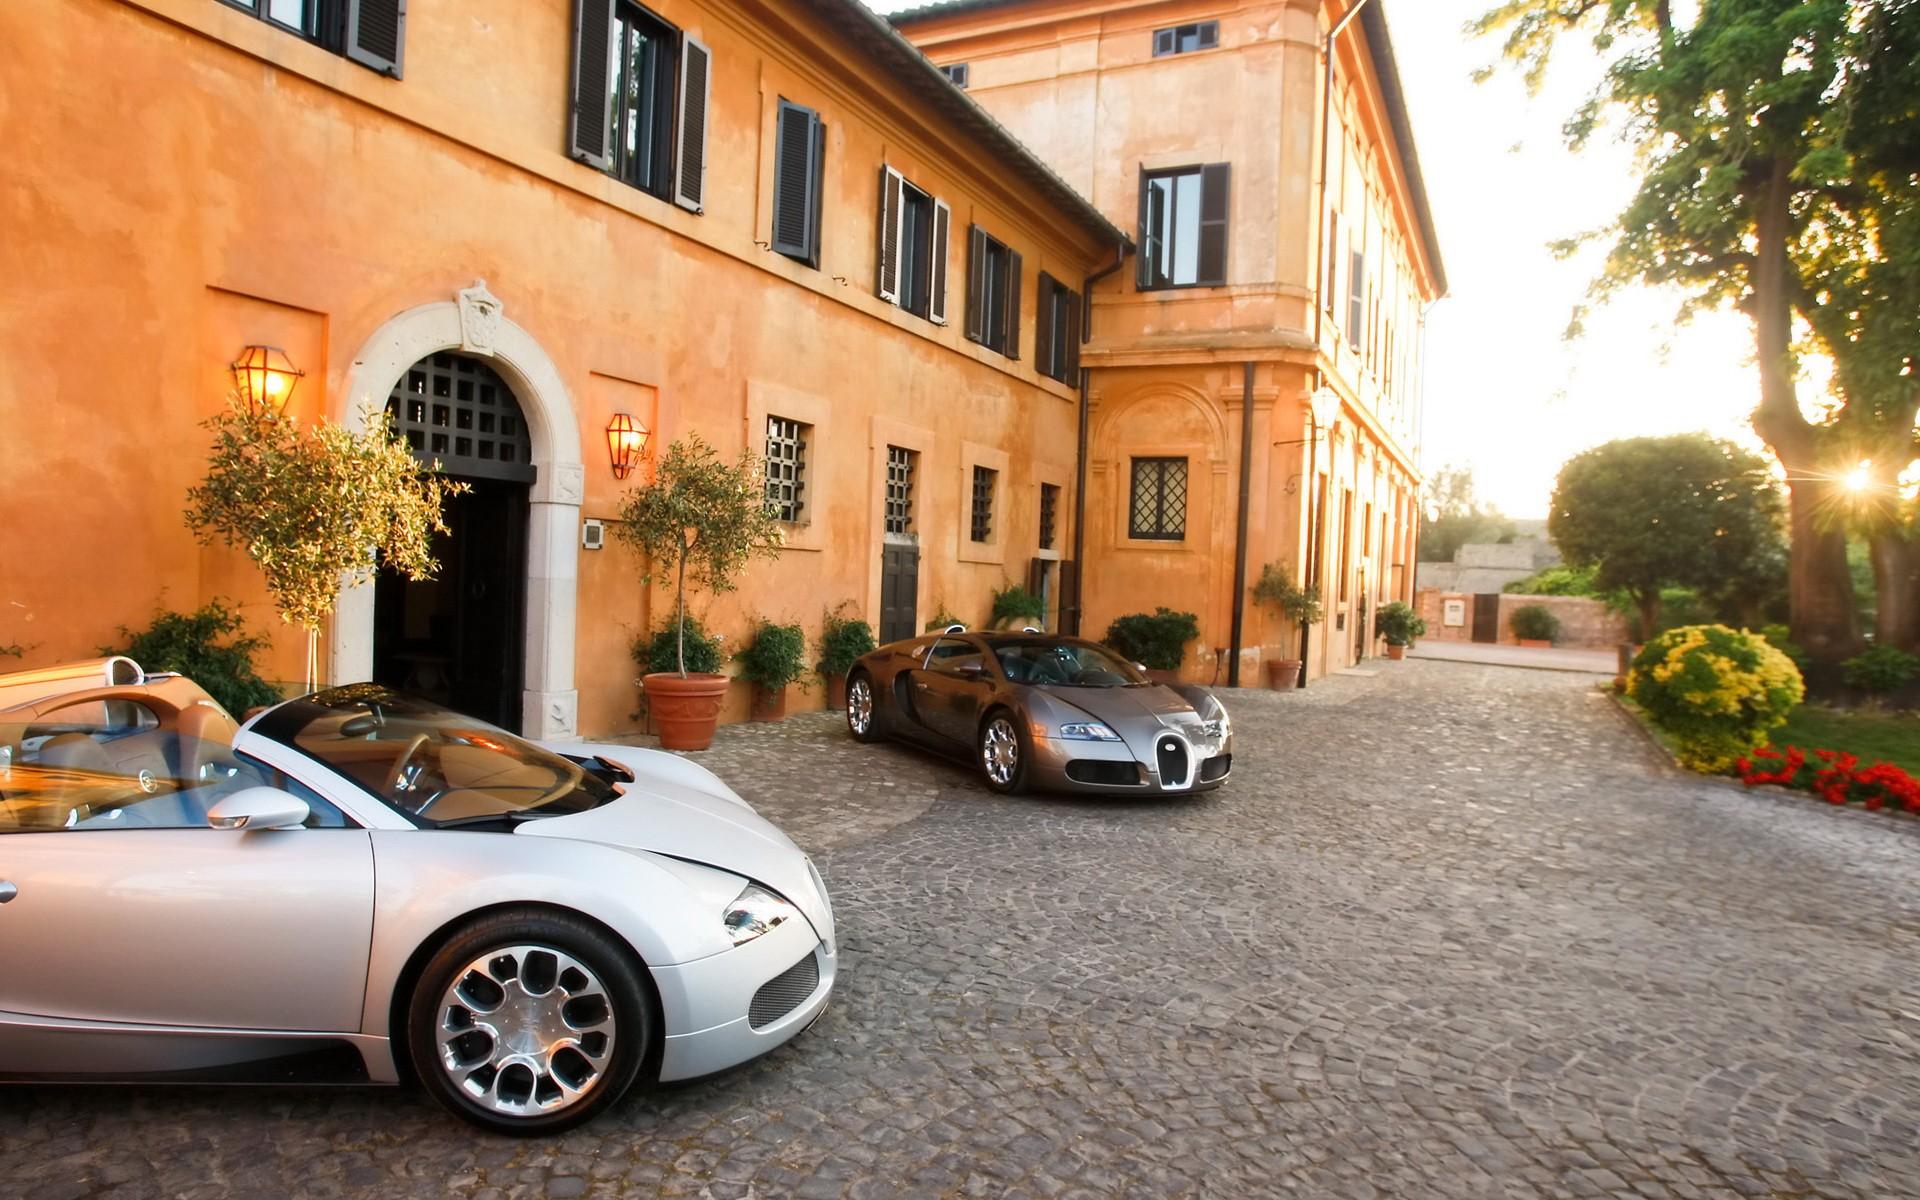 Bugatti у коттеджа скачать